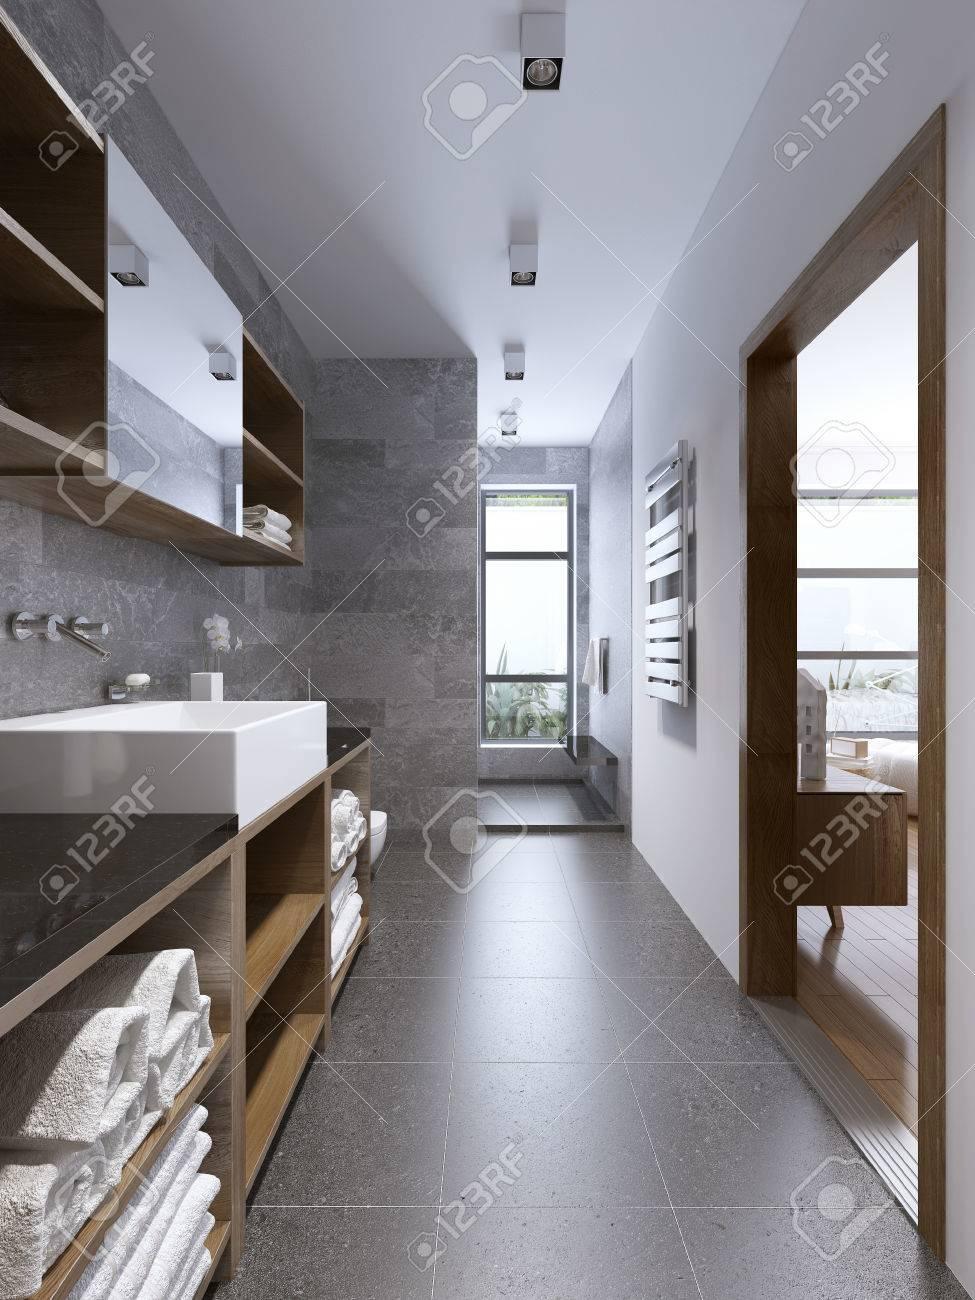 Salle De Bain Lumineuse Design ~ int rieur moderne et lumineux de salle de bains avec douche